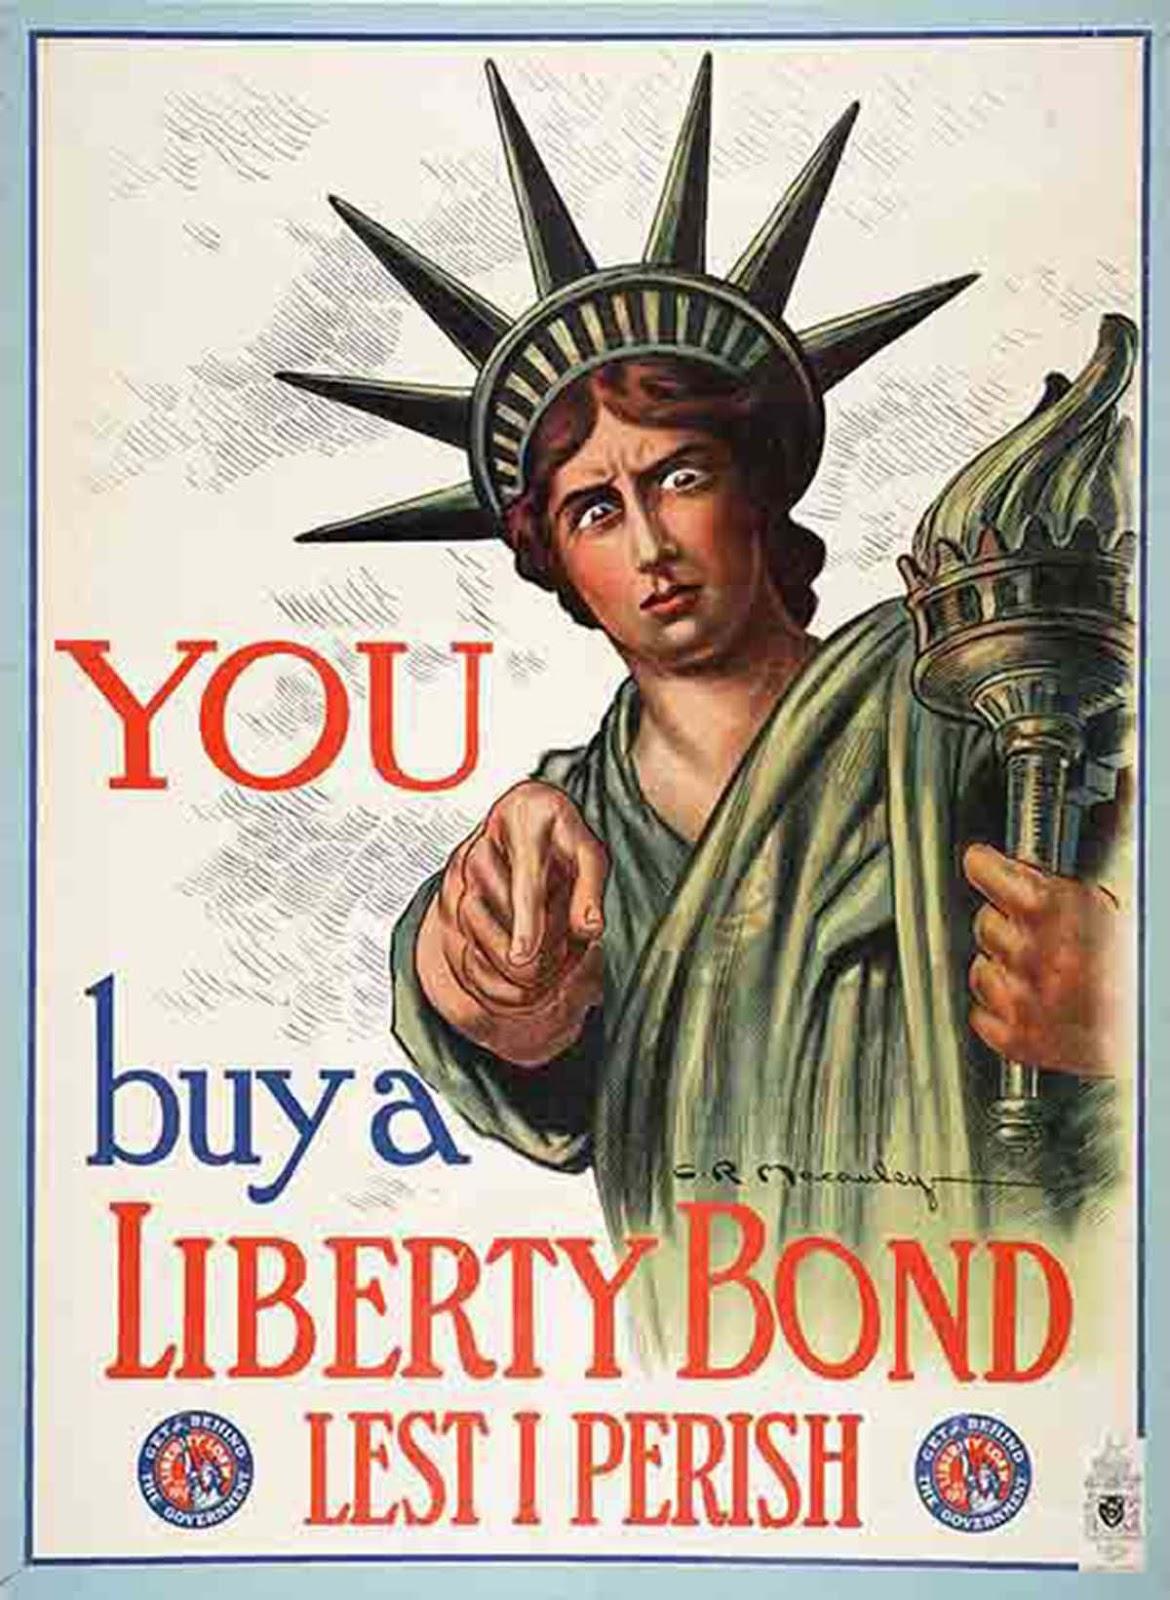 You / Buy a Liberty Bond Lest I Perish, 1917, Charles Raymond Macauley.